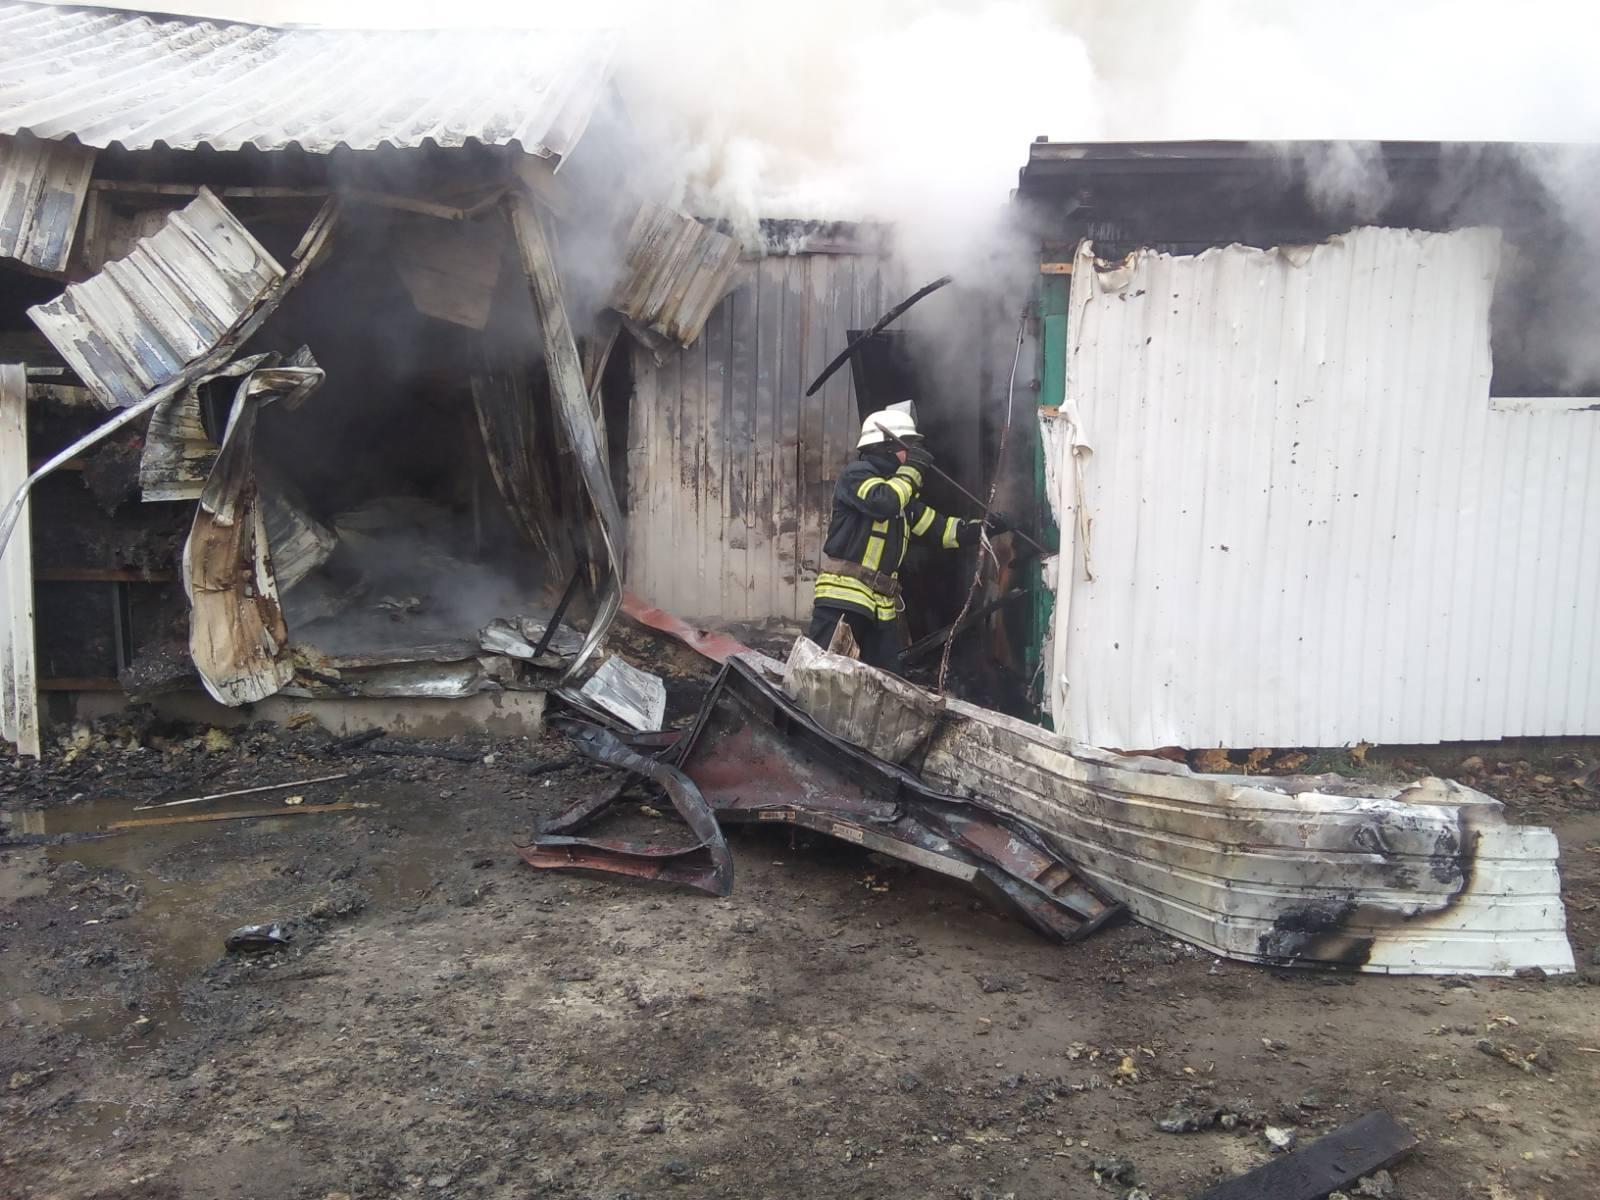 Novosil-travmy Жінка отримала травми на пожежі в Новосілках: у Києво-Святошинському районі згоріли 3 споруди біля складу